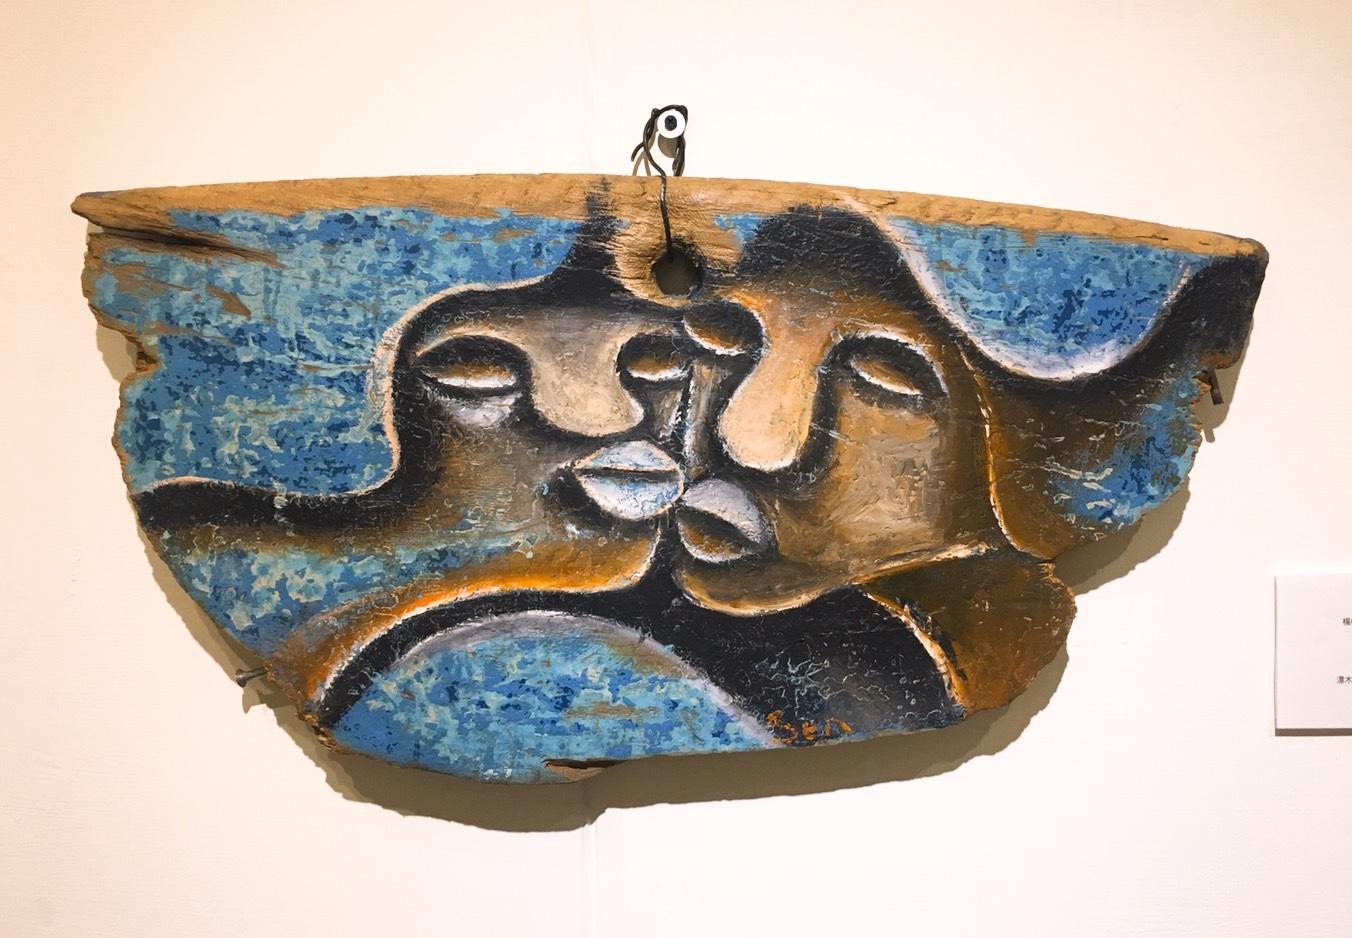 通稿照片-楊樹森作品《甜蜜蜜》以廢棄的船板作畫,藝術家保留船版原始樣貌與藍色繪製出兩個人的臉龐.jpg